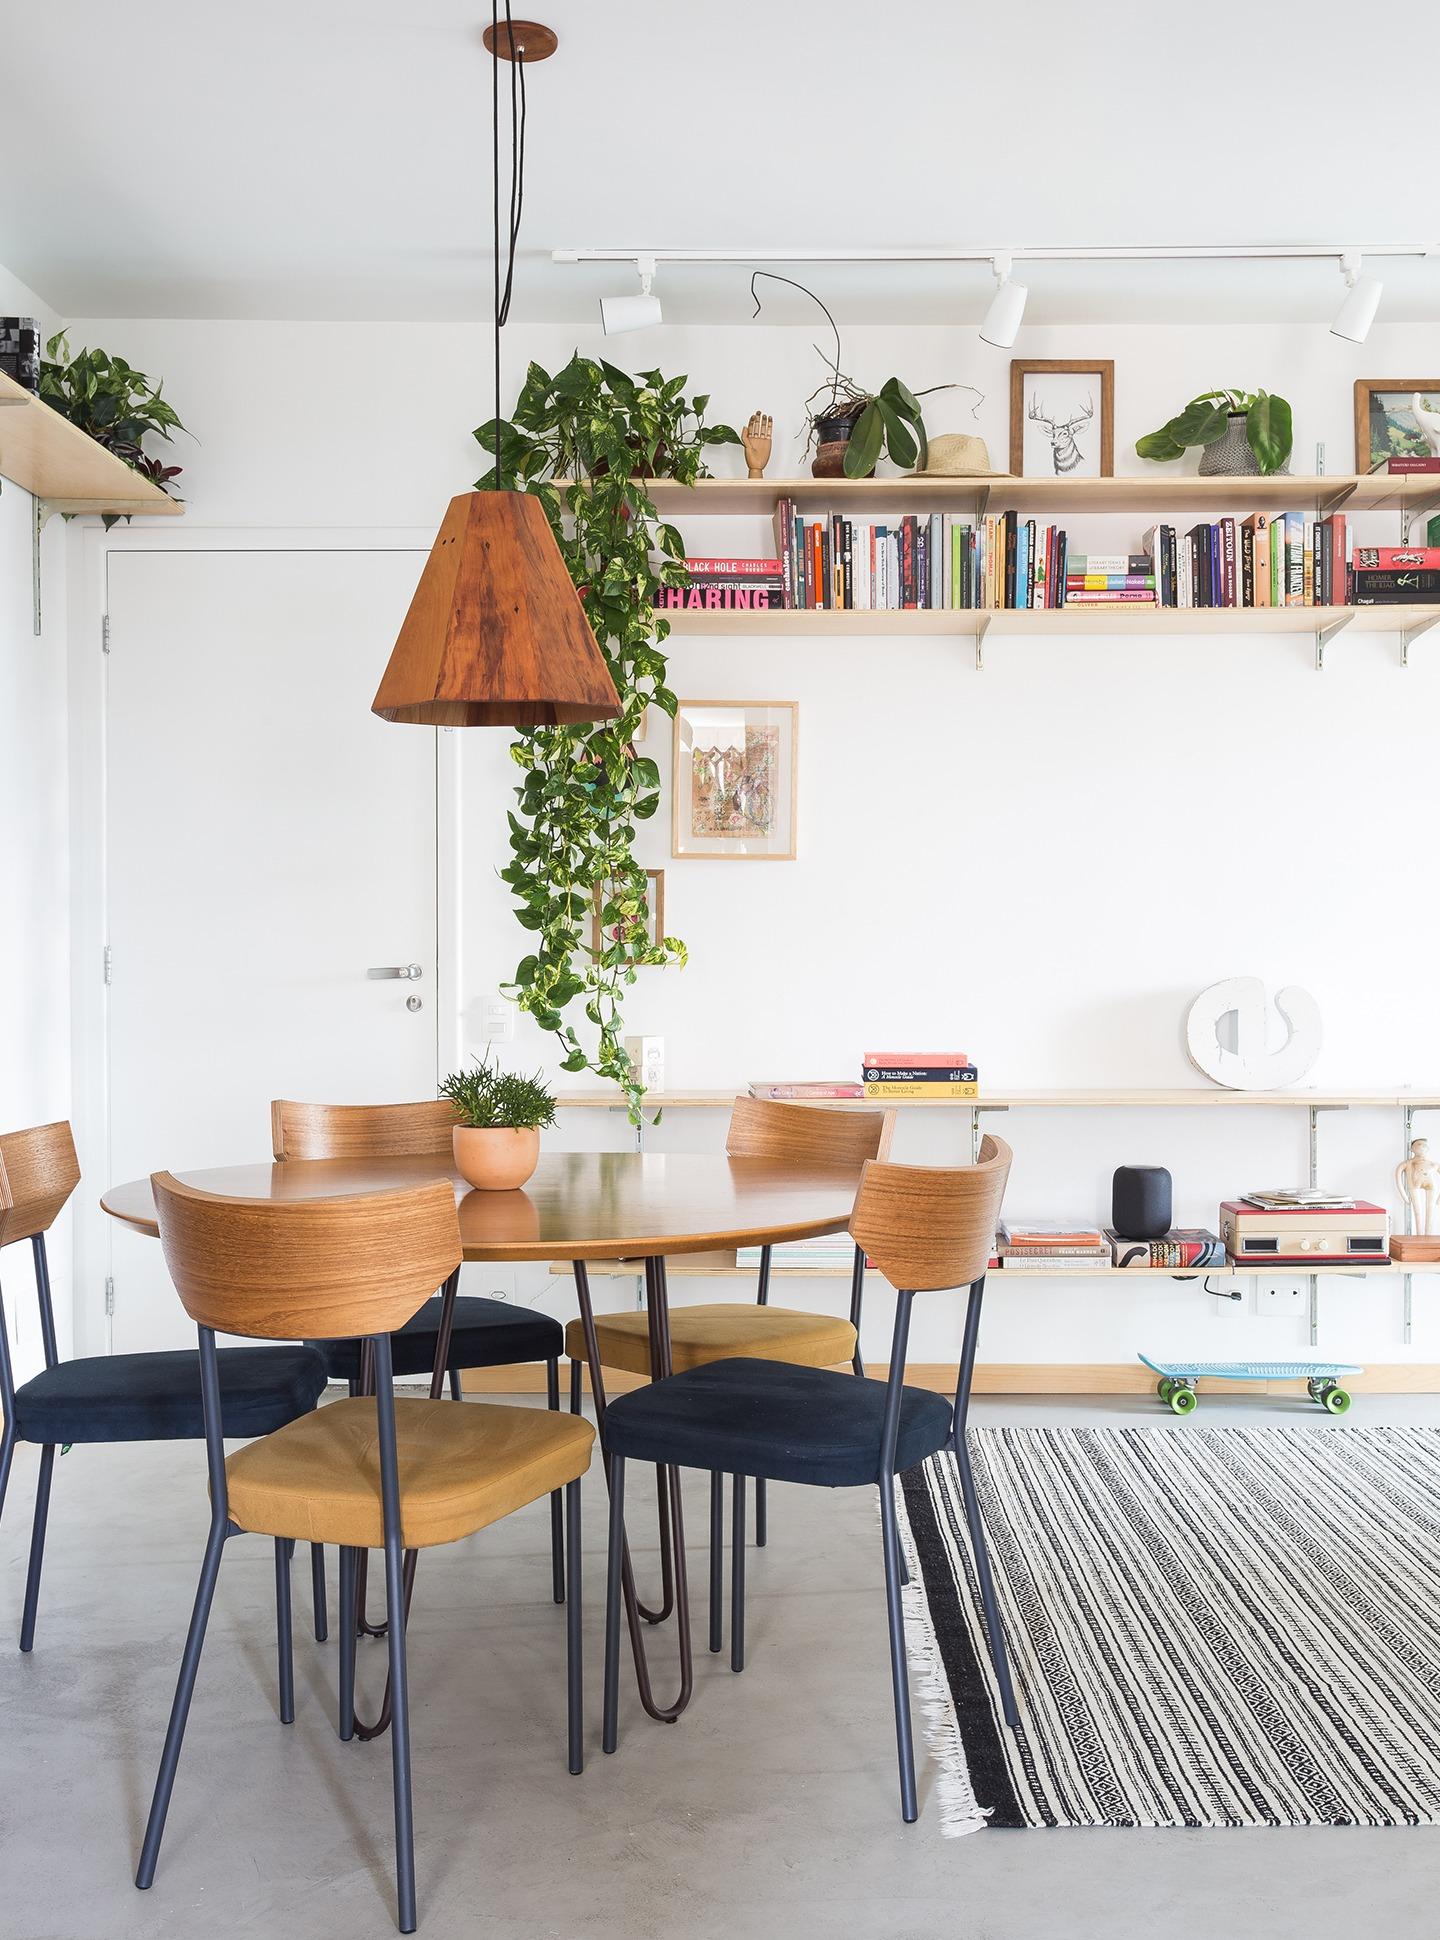 decoração sala jantar com mesa e prateleiras de madeira